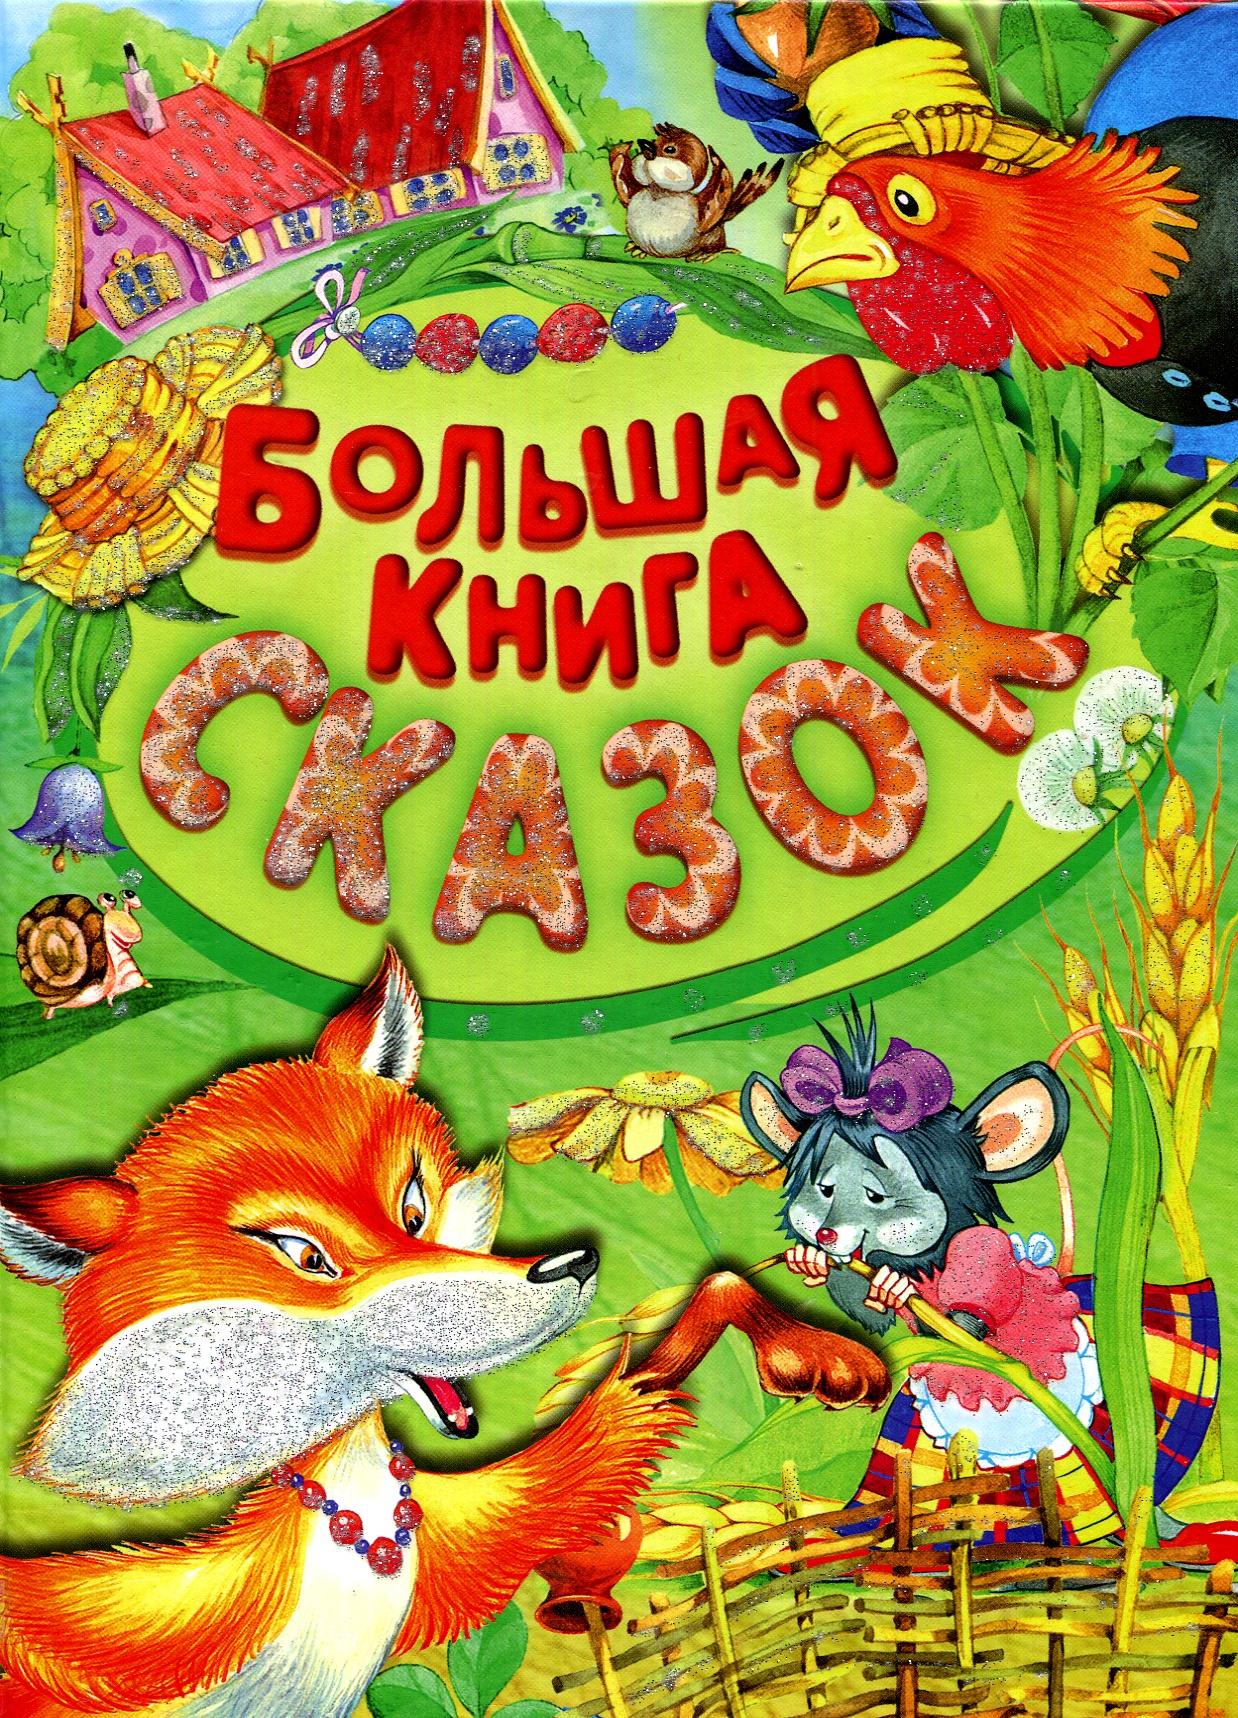 Книга  Большая книга сказок  Русич, Без автора